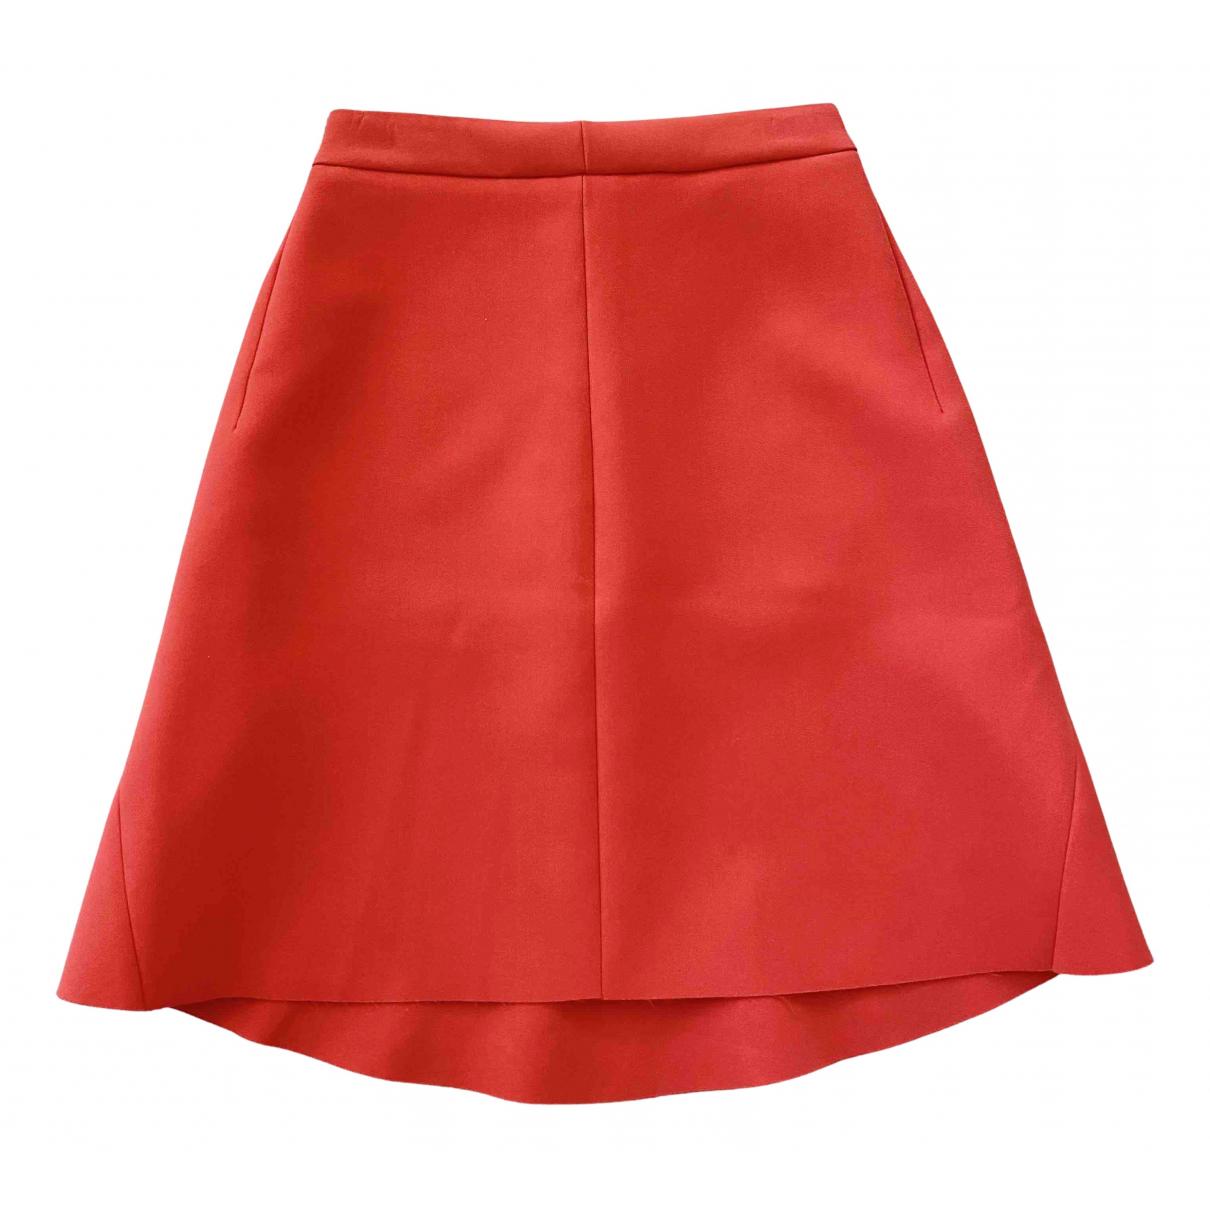 Msgm N Orange skirt for Women 40 IT